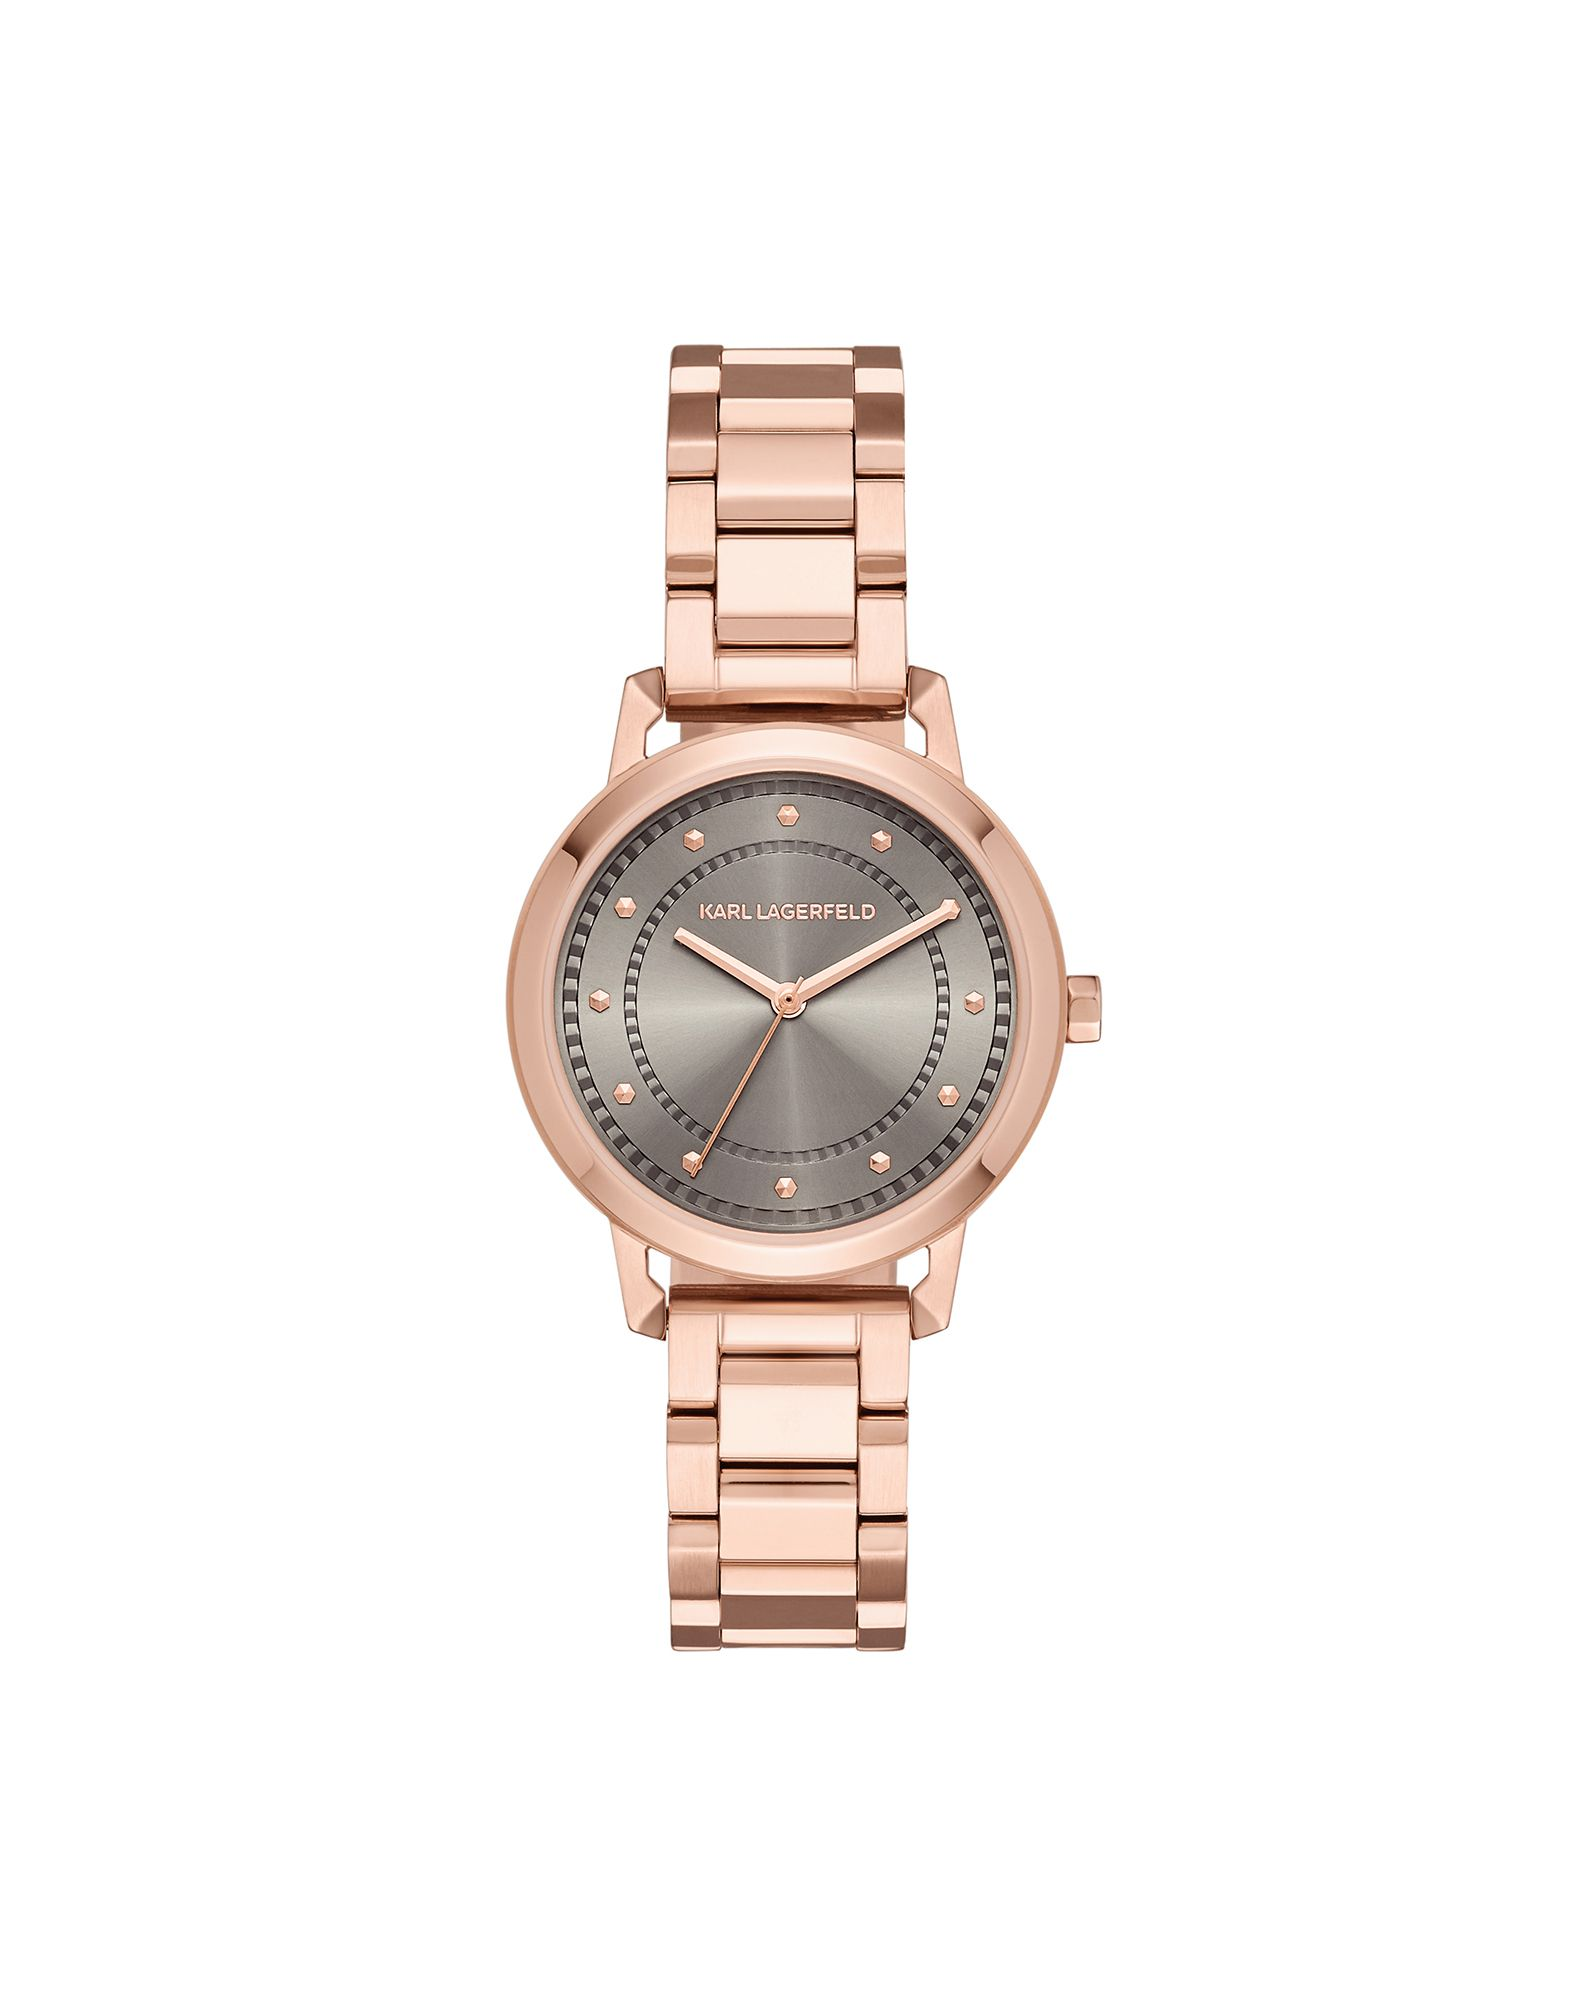 Orologio Da Polso Karl Lagerfeld Vanessa - Donna - Acquista online su